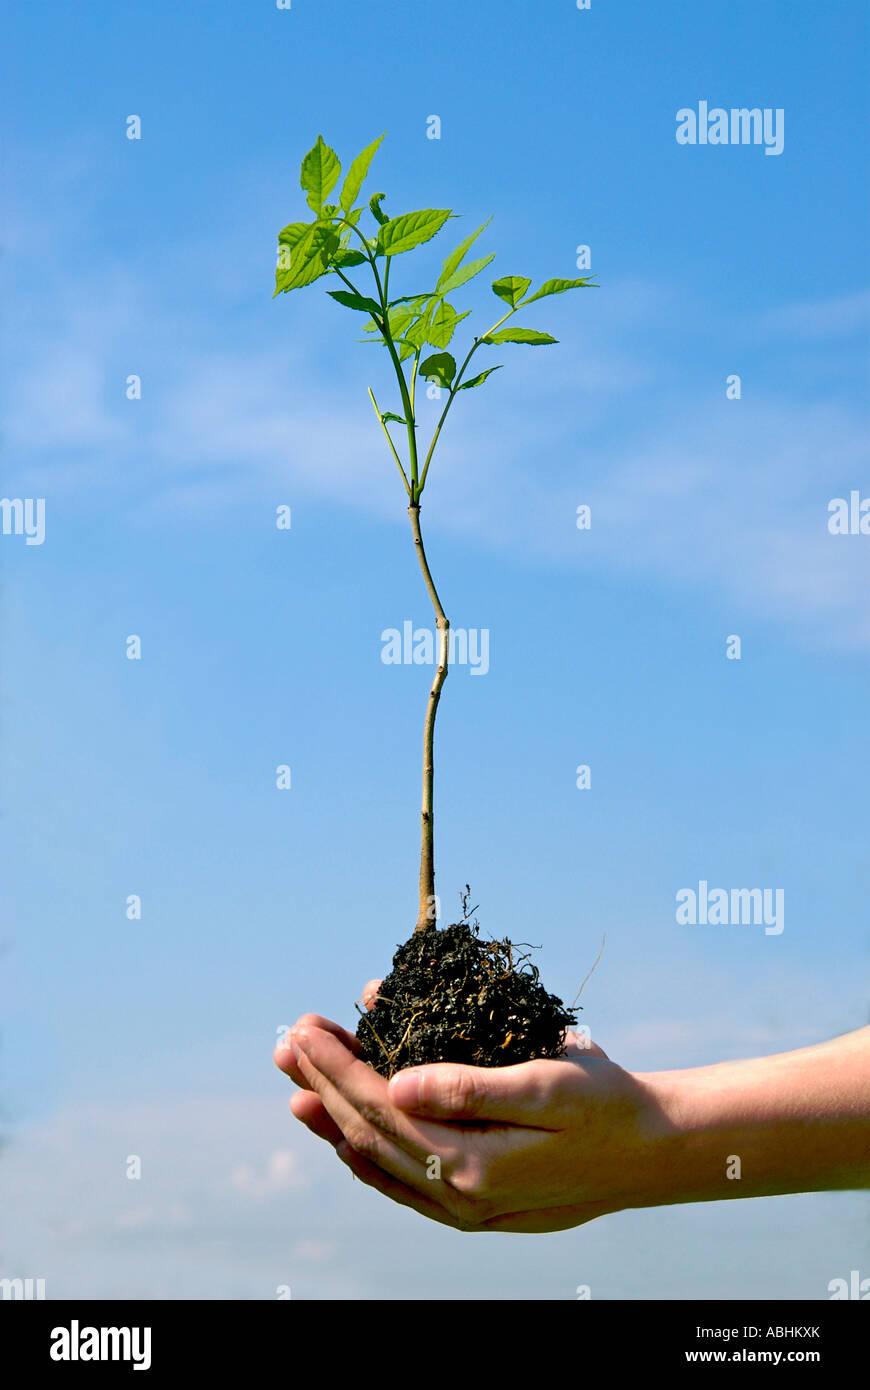 Mains tenant un jeune plant à l'extérieur - concept de croissance Banque D'Images